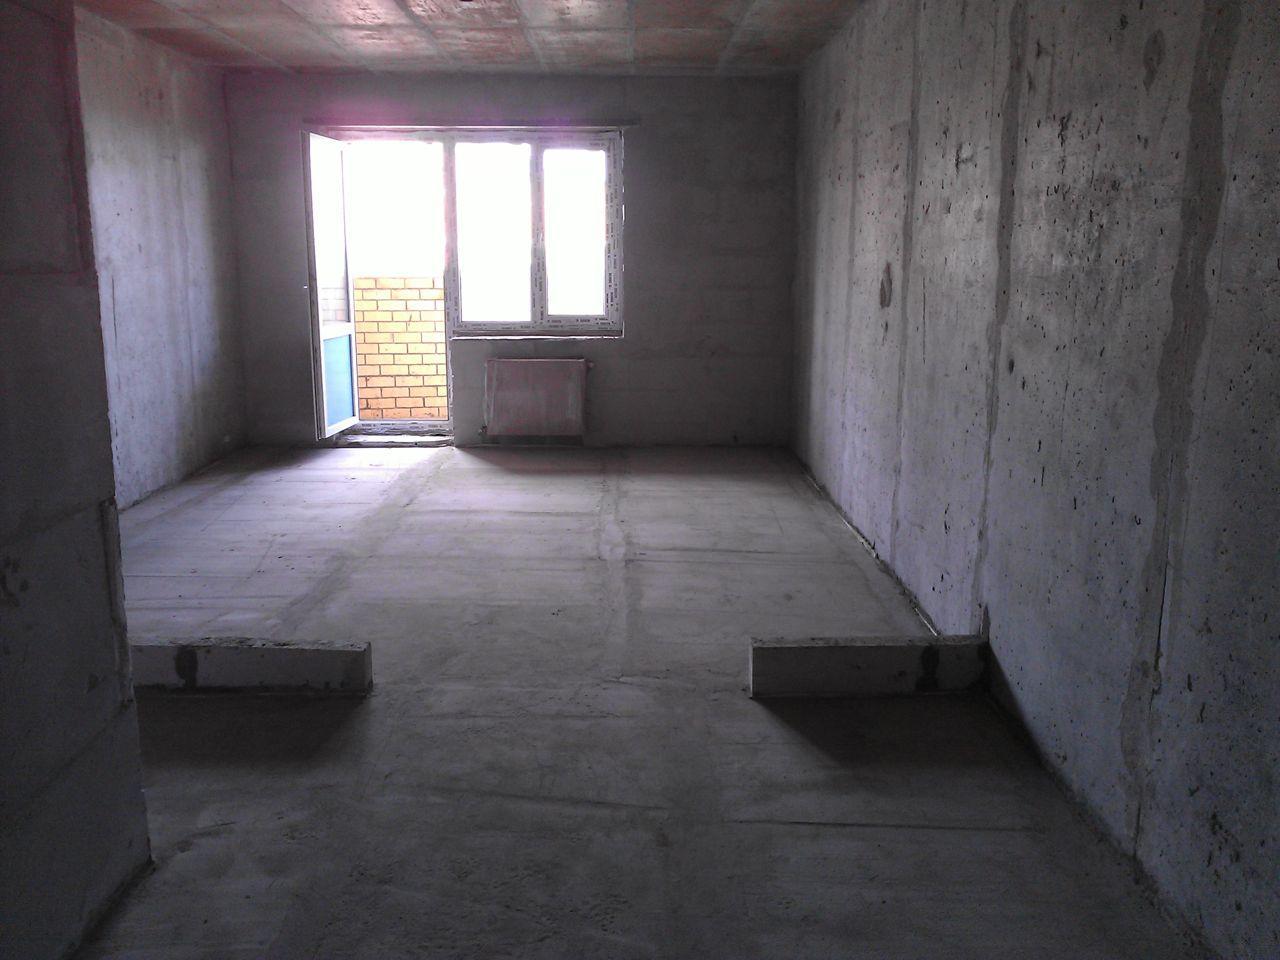 купить квартиру в подмосковье недорого в ипотеку вторичку тратил сил